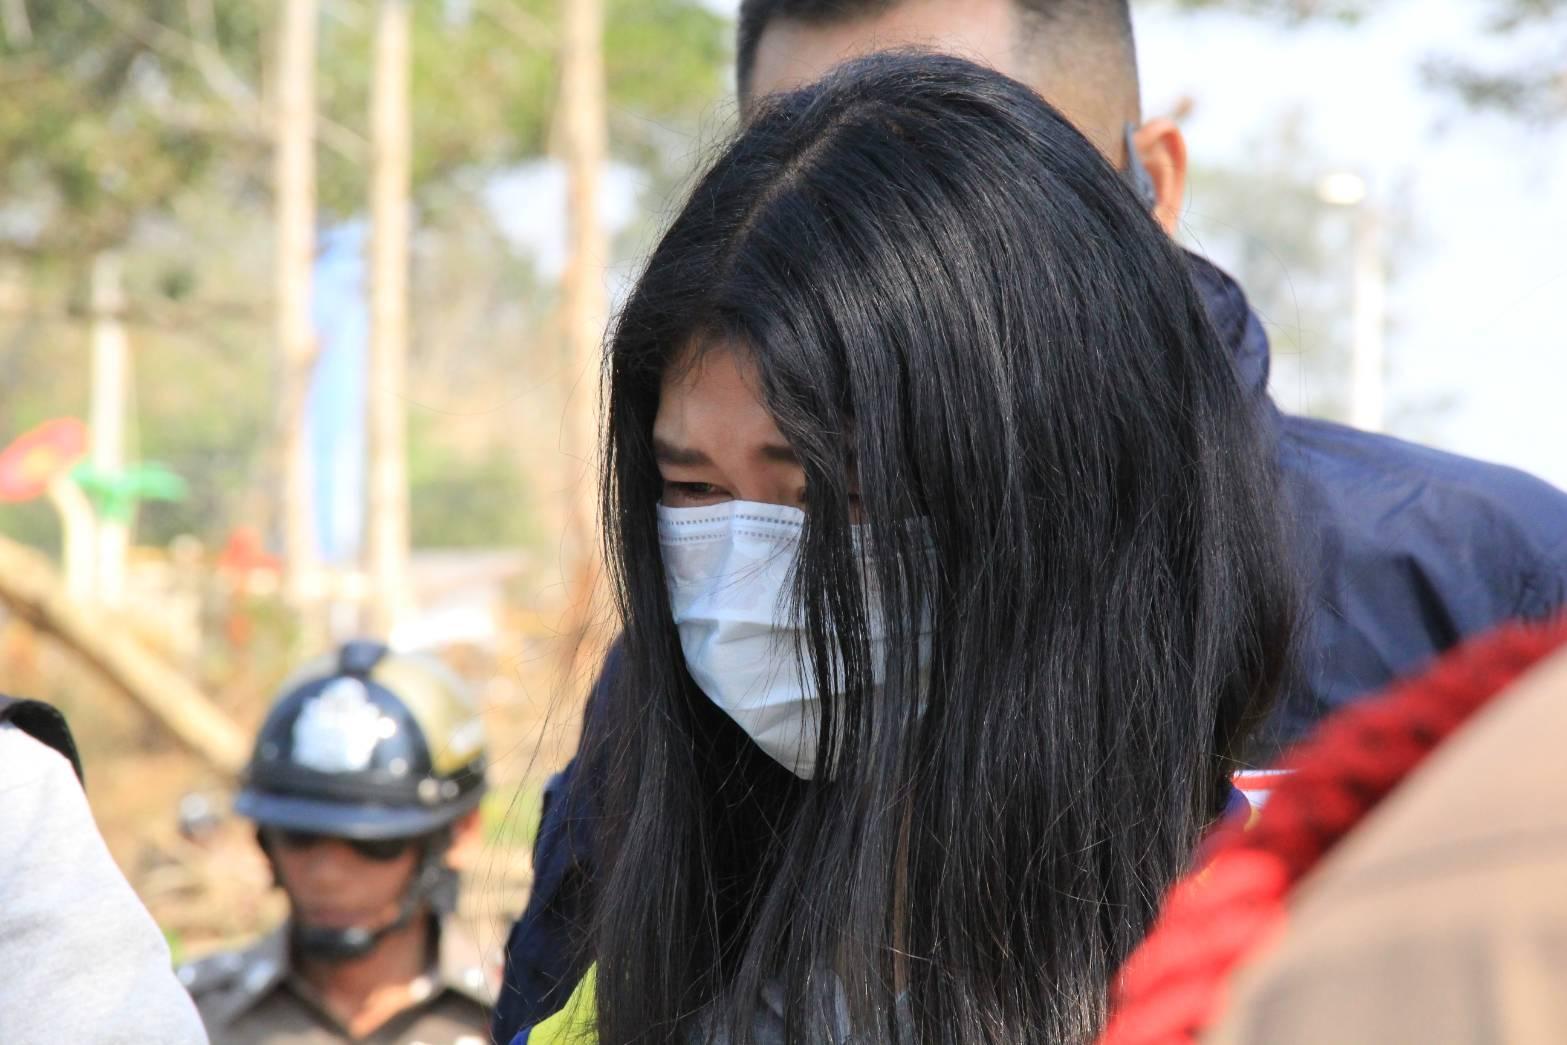 ข่าวจังหวัดจันทบุรี ข่าวสดวันนี้ ฆ่าลูก